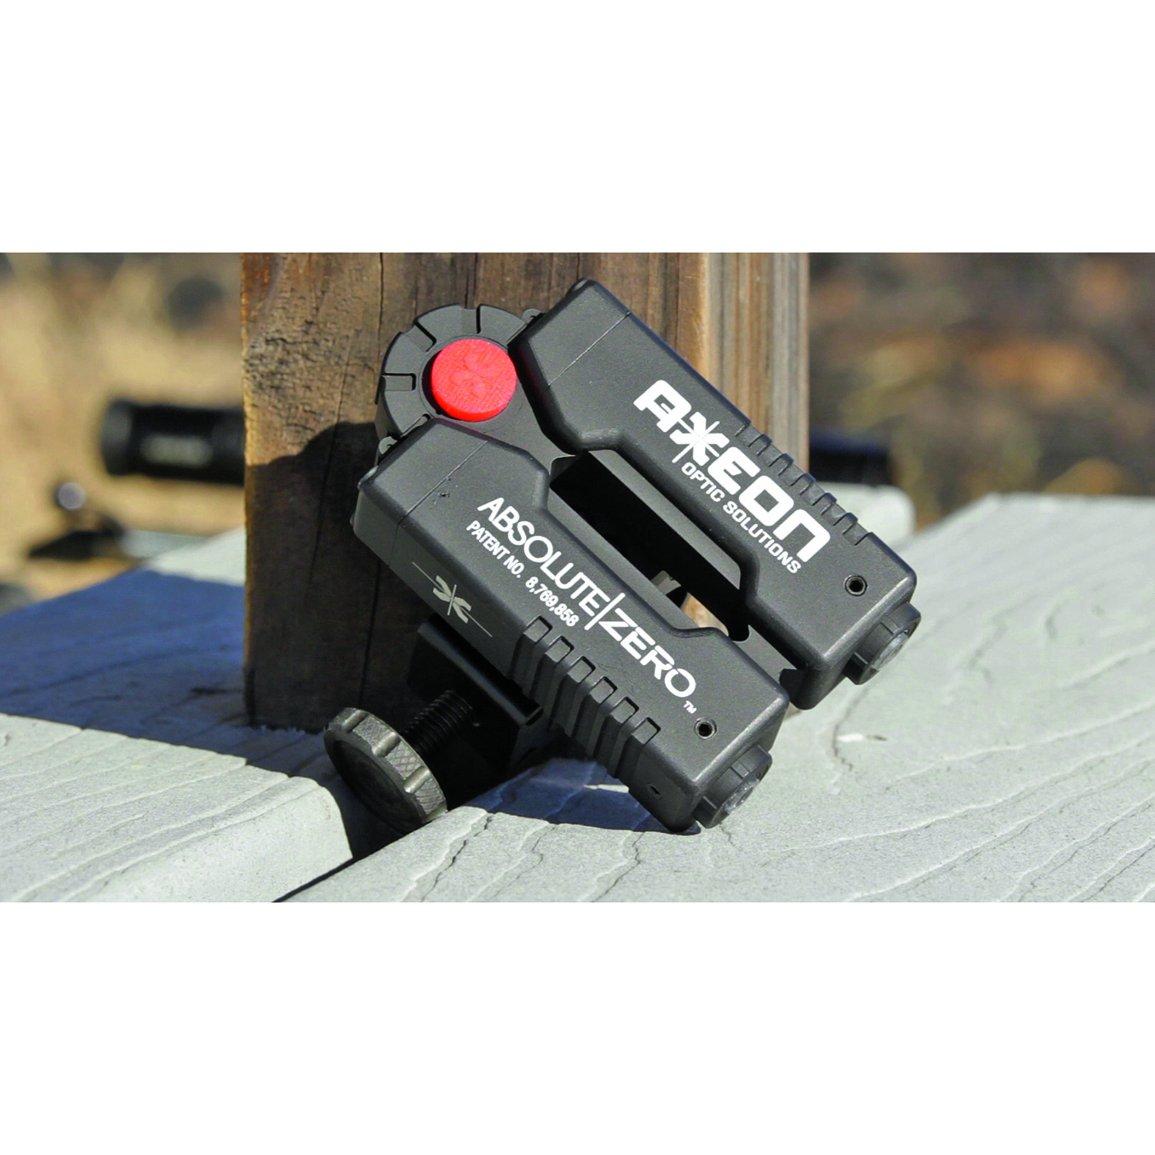 Laser Sight Axeon Absolute Zero 2218600 Laser Sight by Axeon Optics (Image #1)